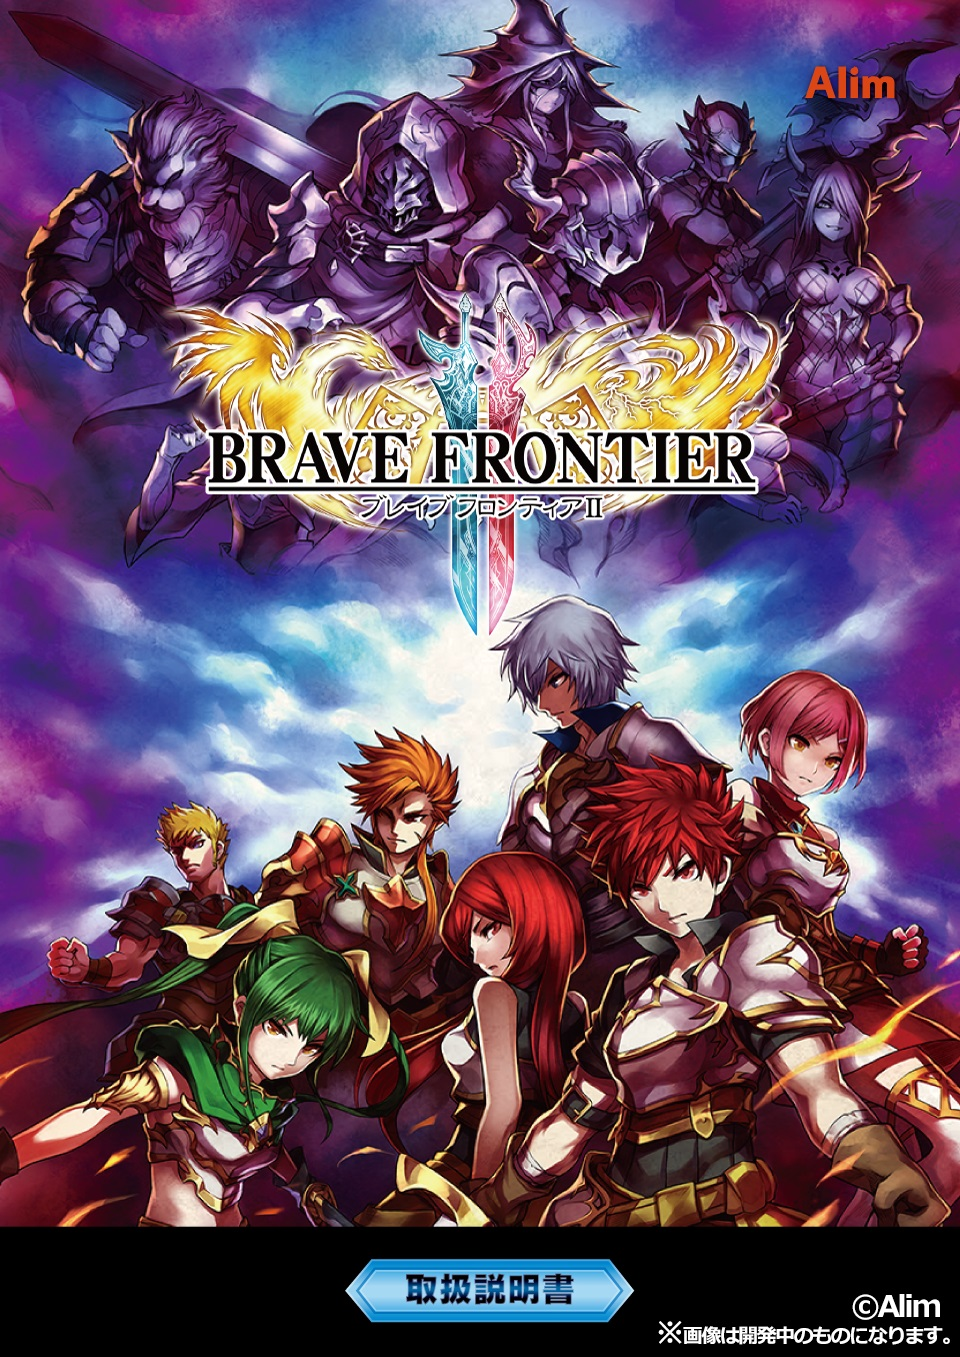 『ブレイブ フロンティア2』が配信開始!世界最高峰のドットアニメーションRPGが登場